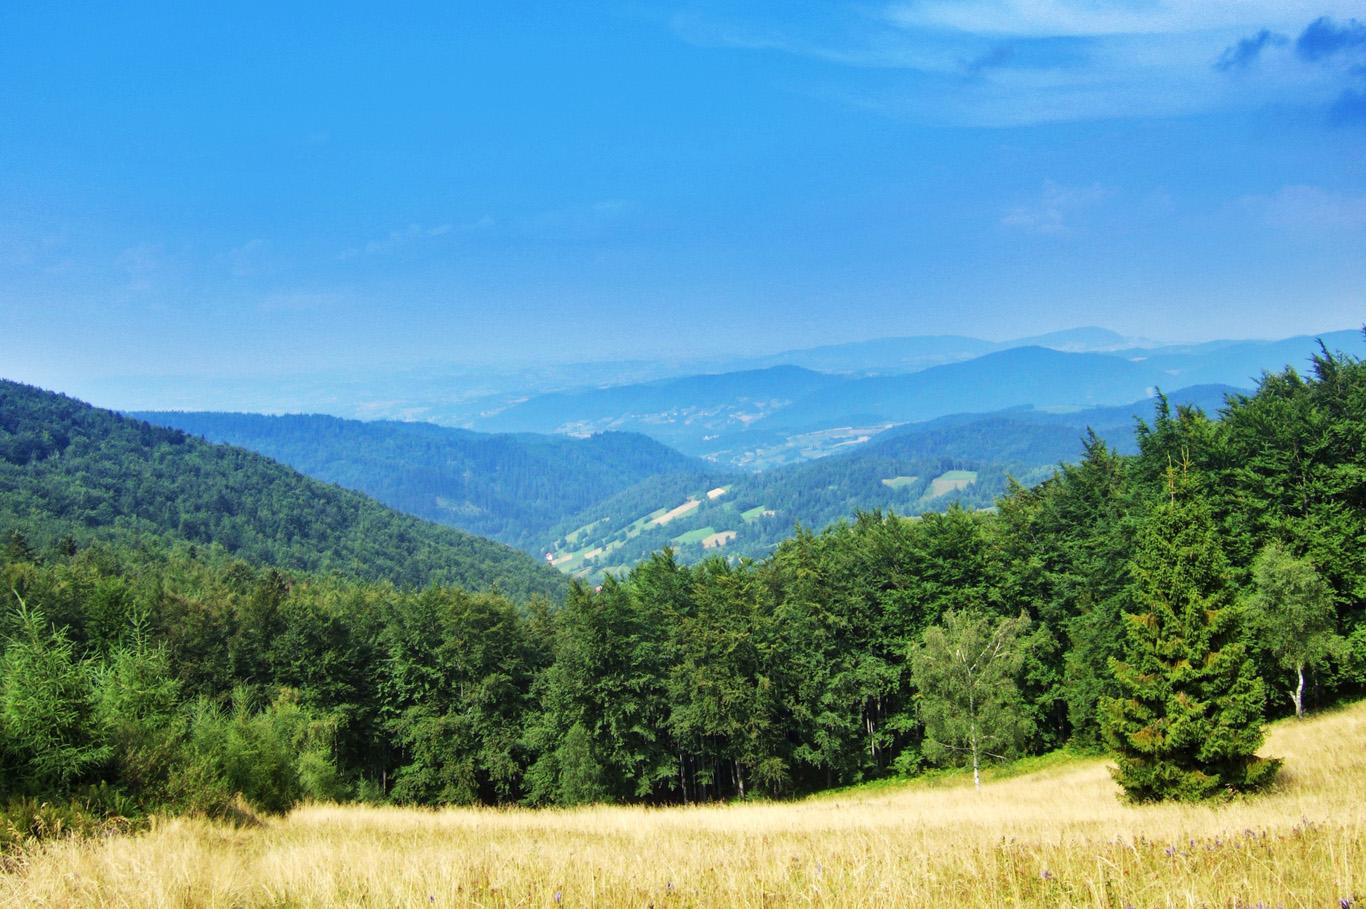 Forested hills of Beskid Sadecki